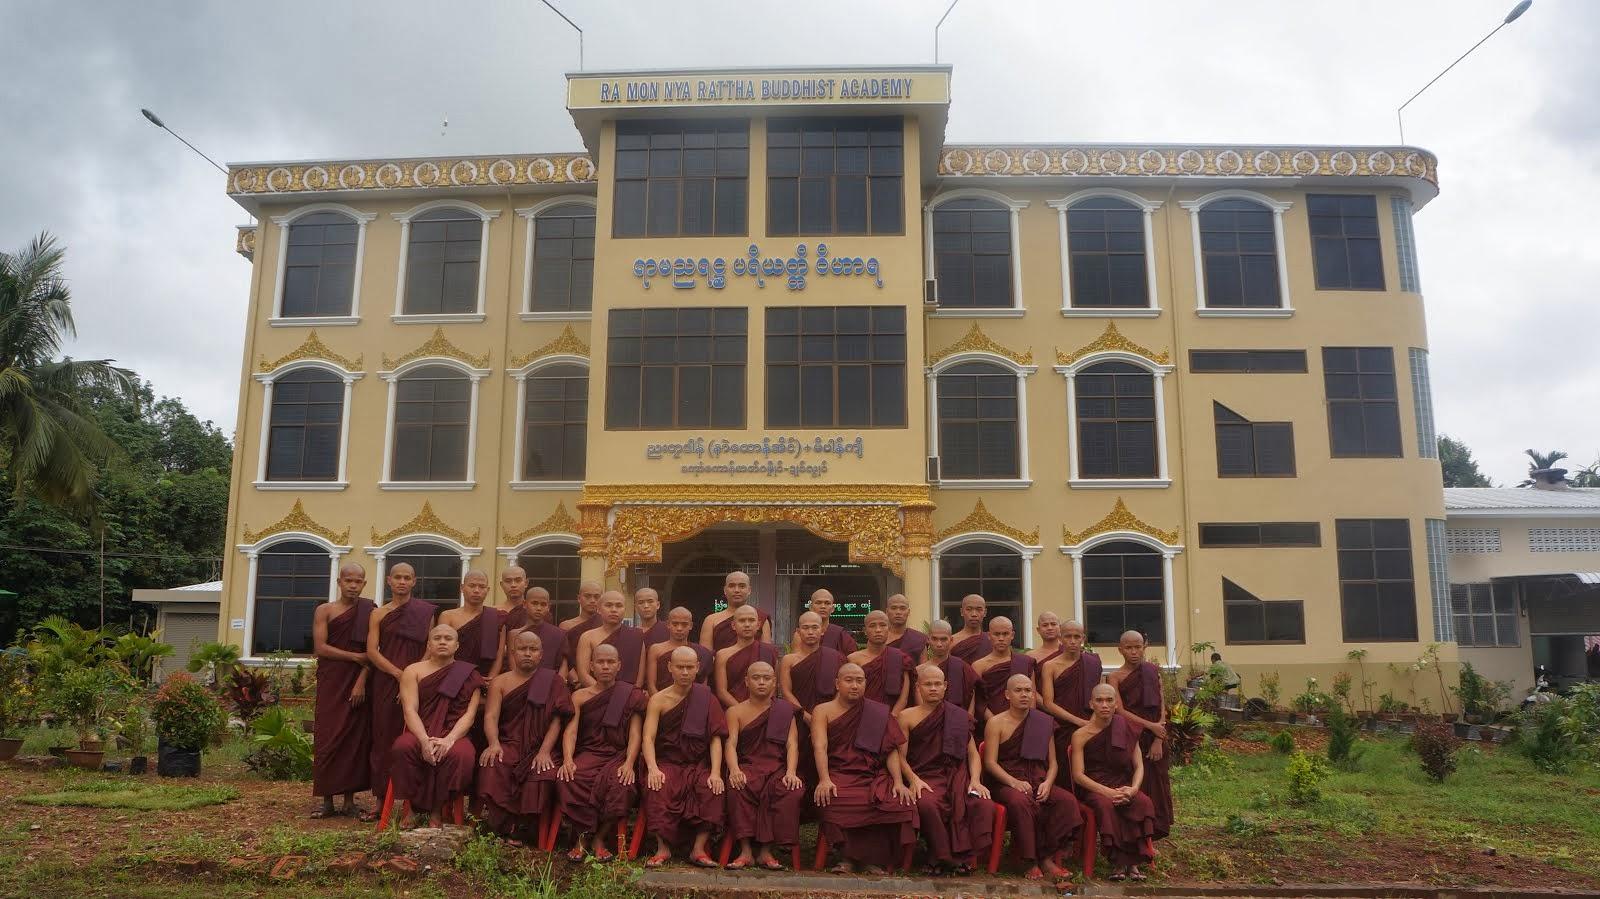 At Ramannyarattha Vihara